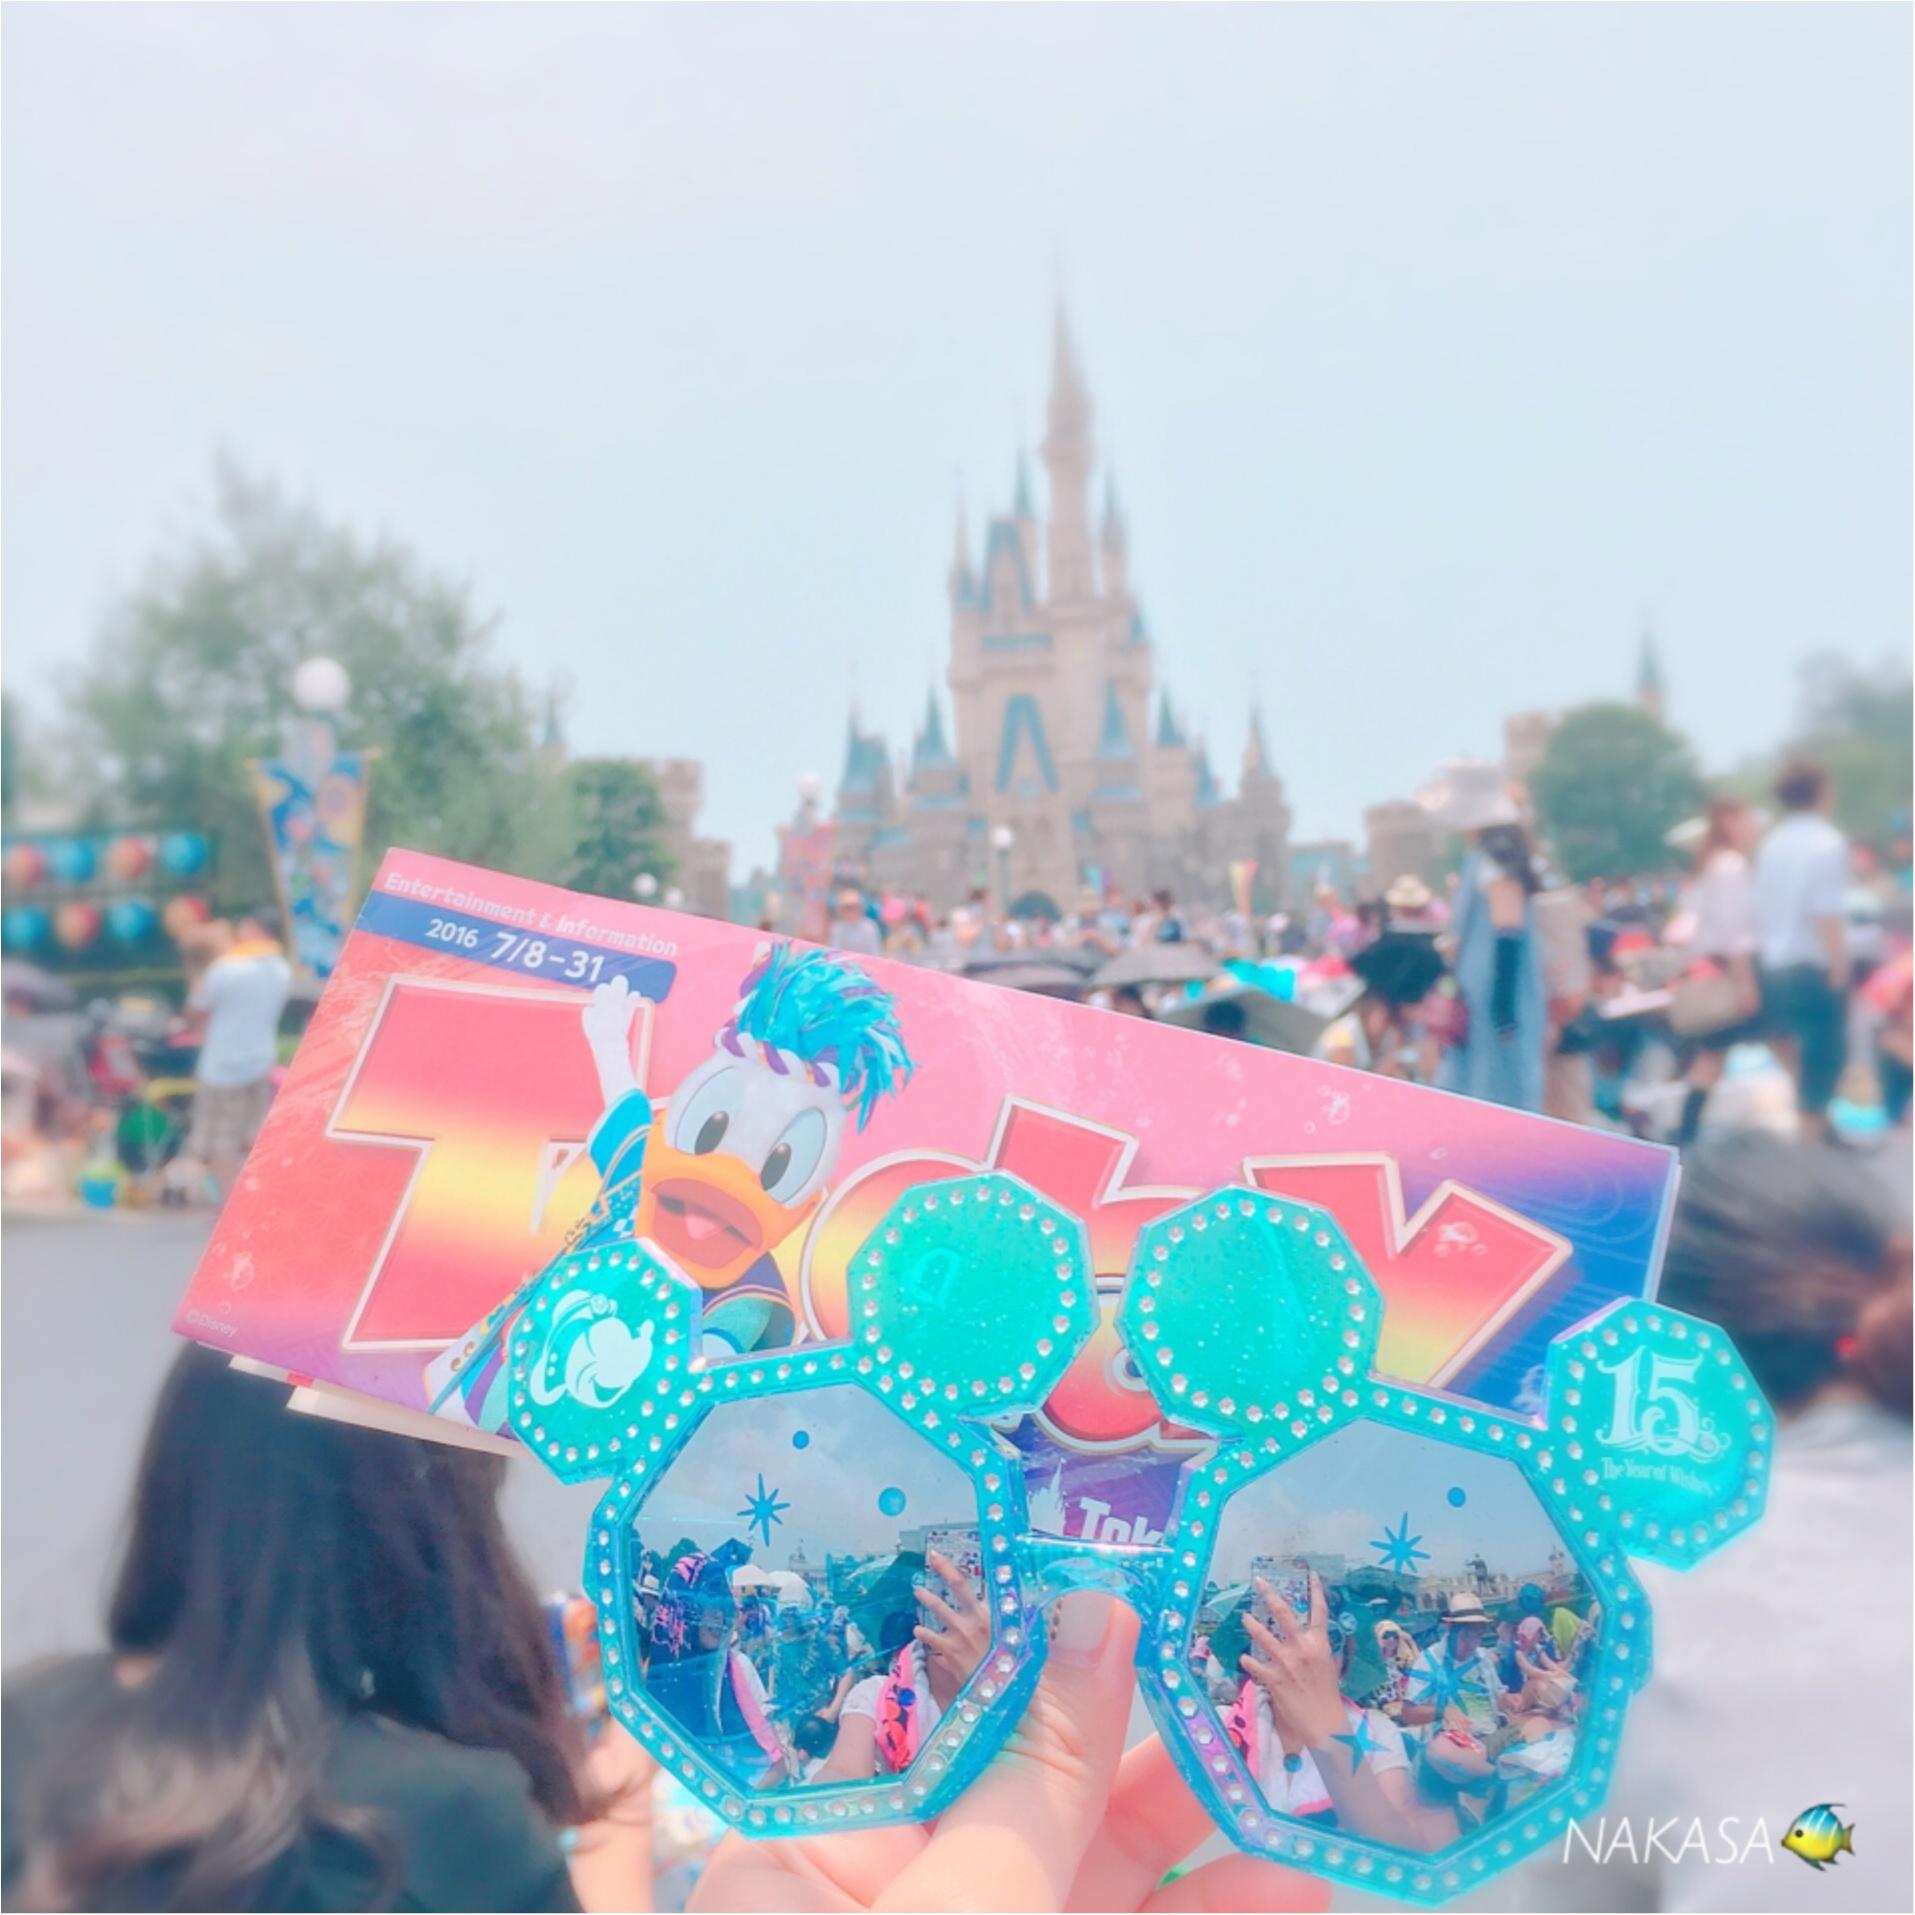 ▷夏だ!!ソイヤッ!!夏祭りだレポ⑅◡̈*①_16